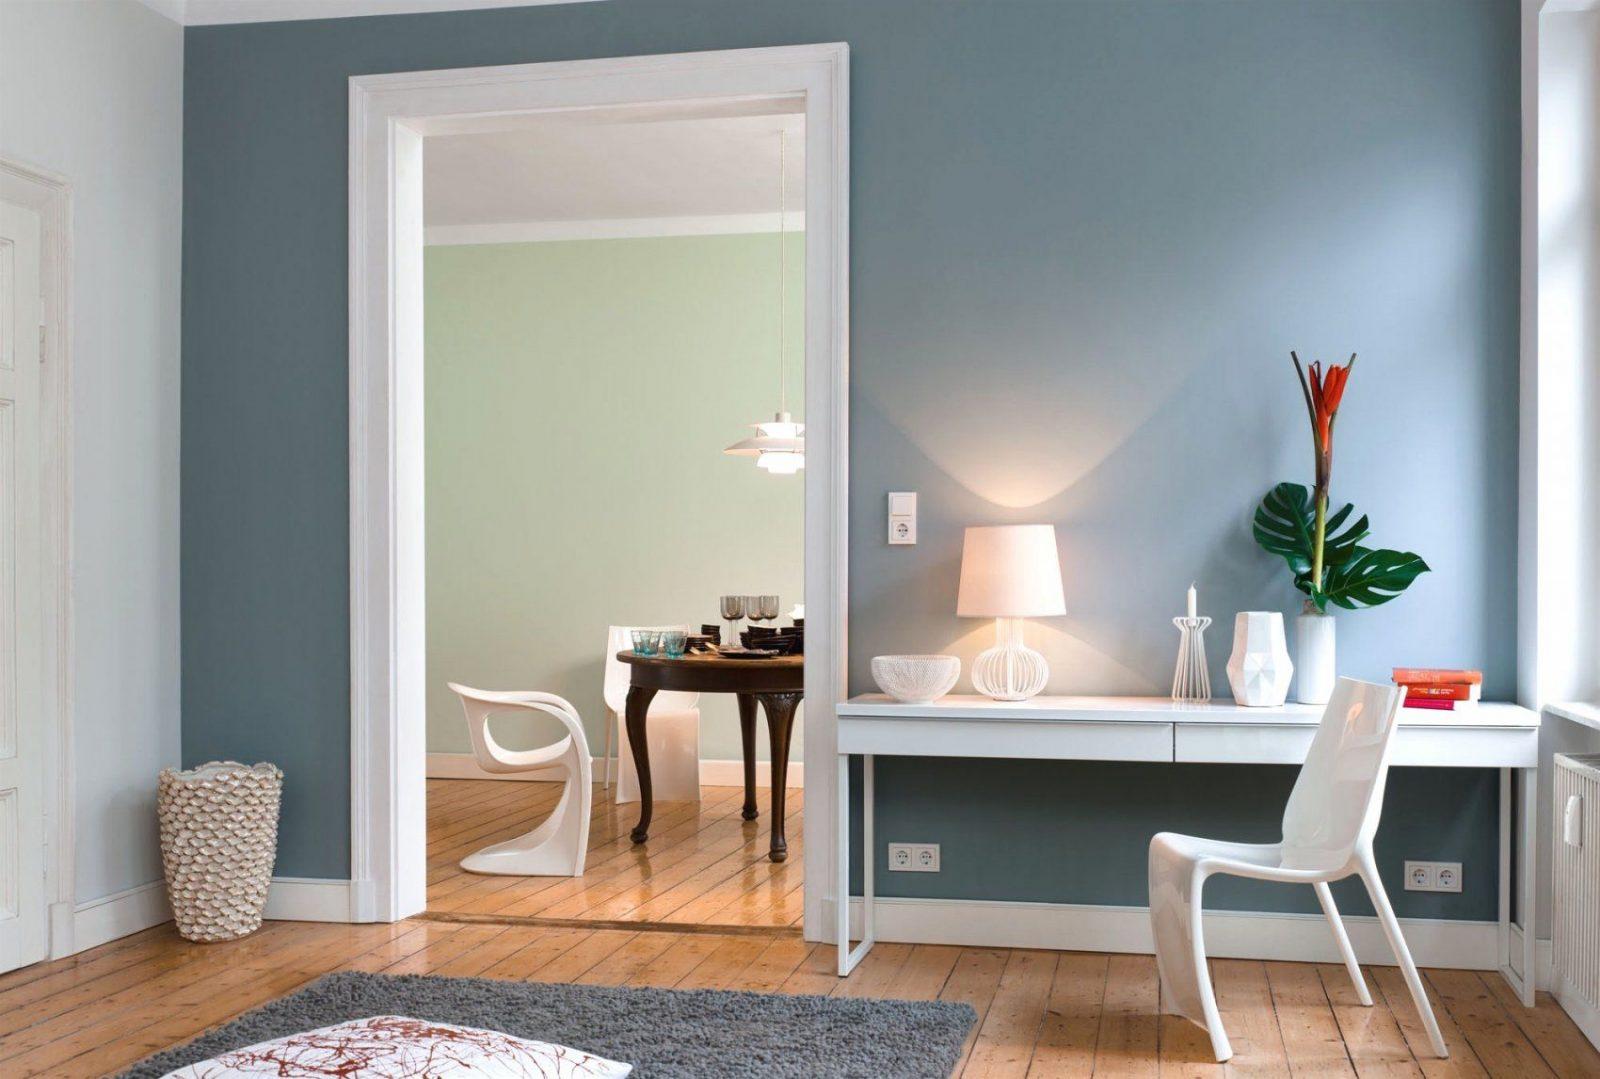 Fantastische Inspiration Welche Wandfarbe Passt Zu Grauen Möbeln Und von Graue Möbel Welche Wandfarbe Bild